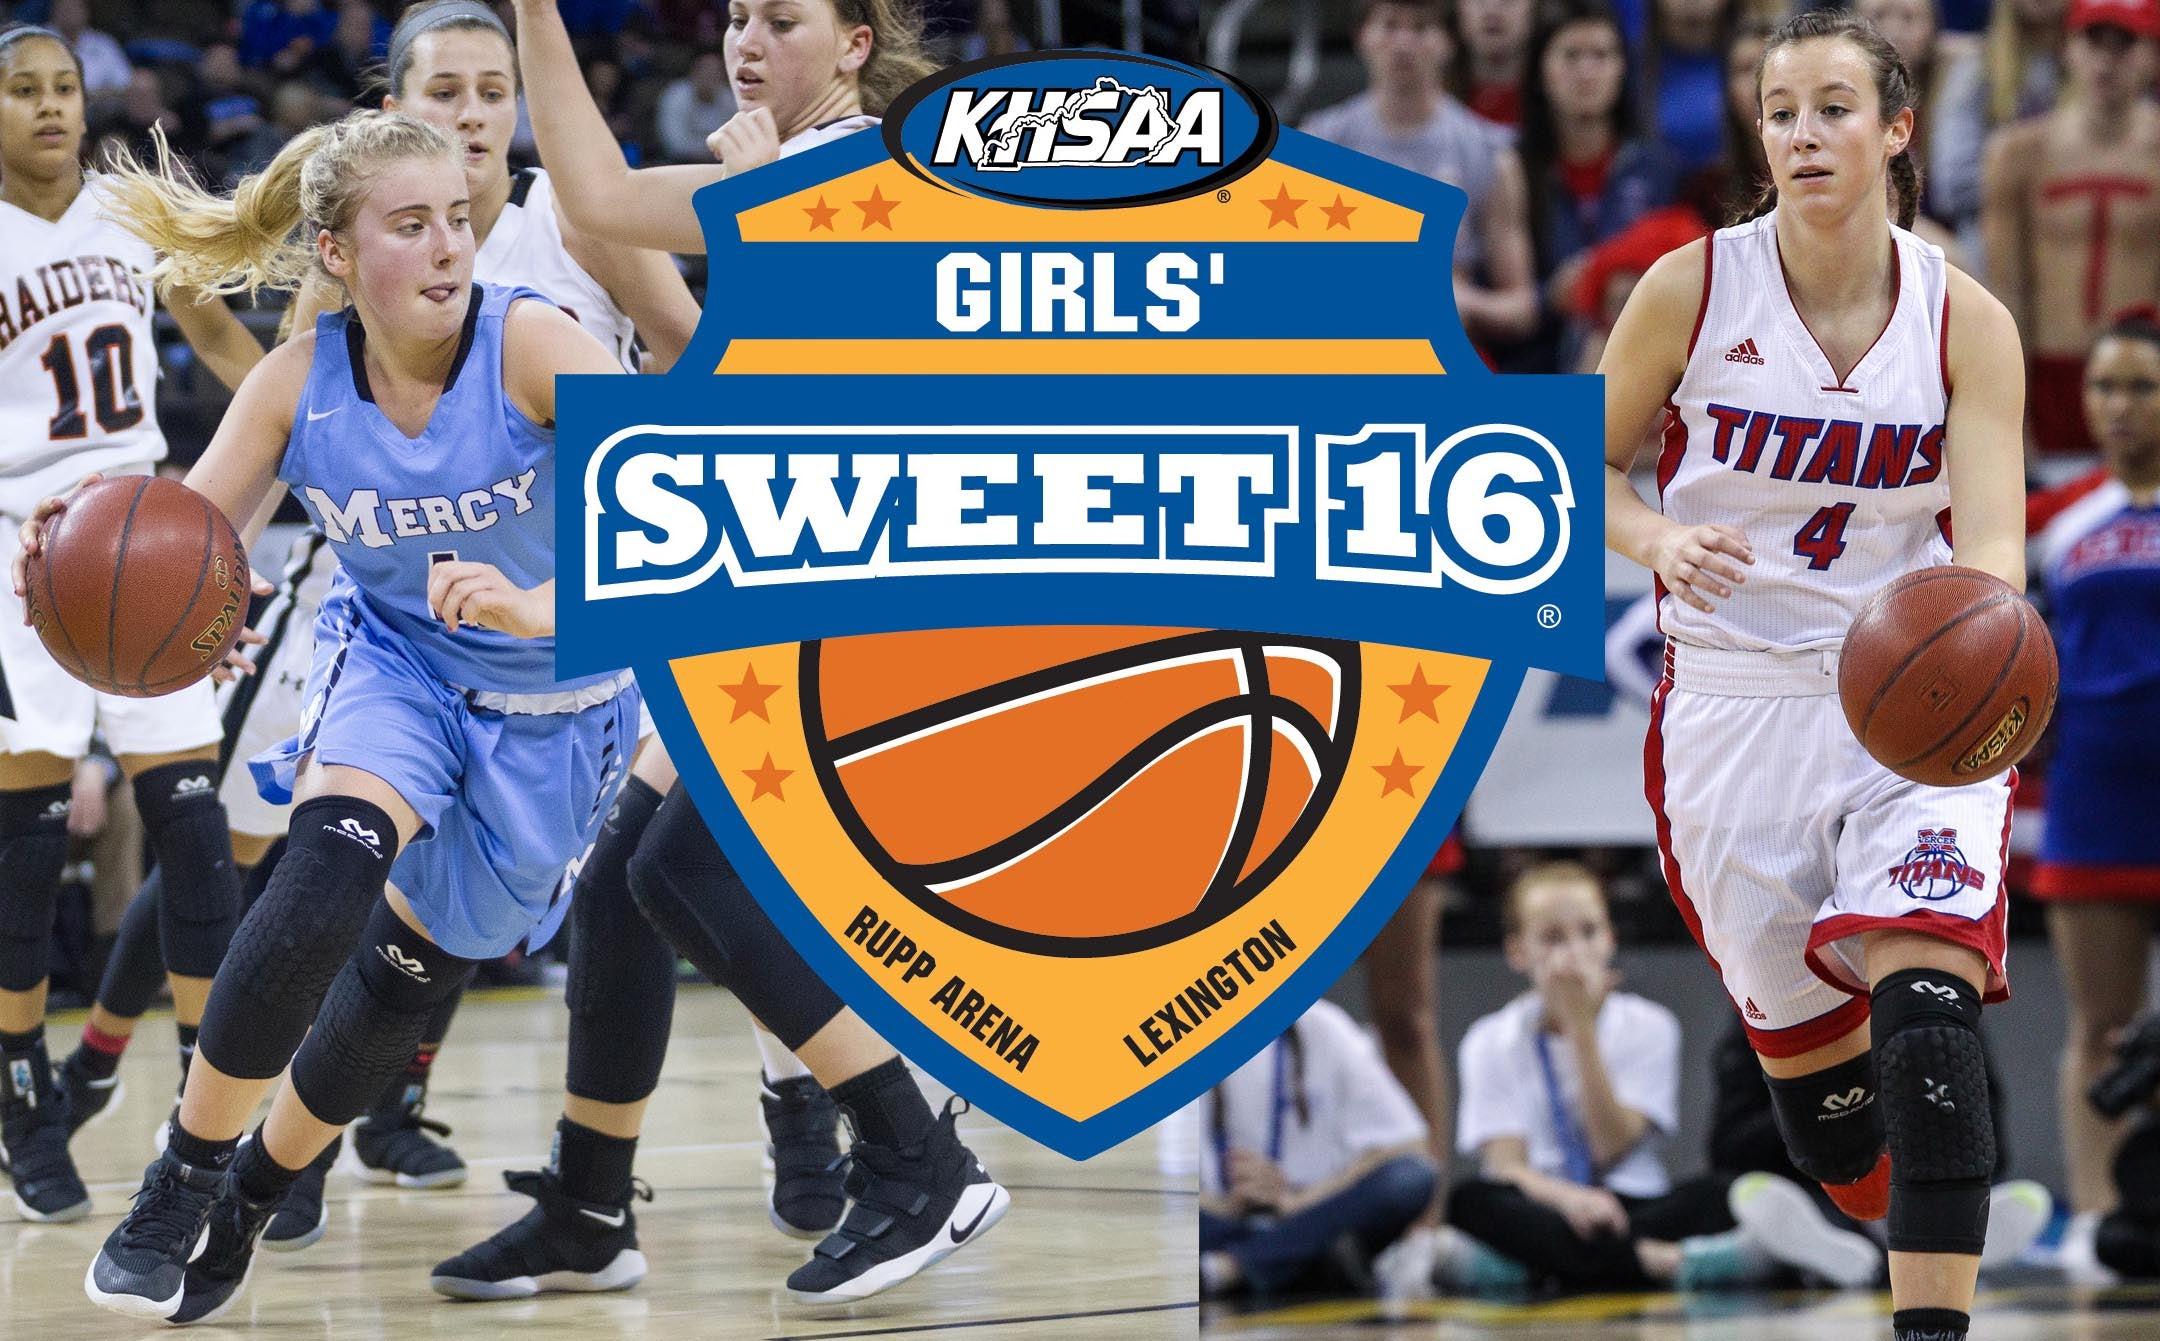 More Info for KHSAA Girls' Sweet Sixteen® Basketball Tournament 2019